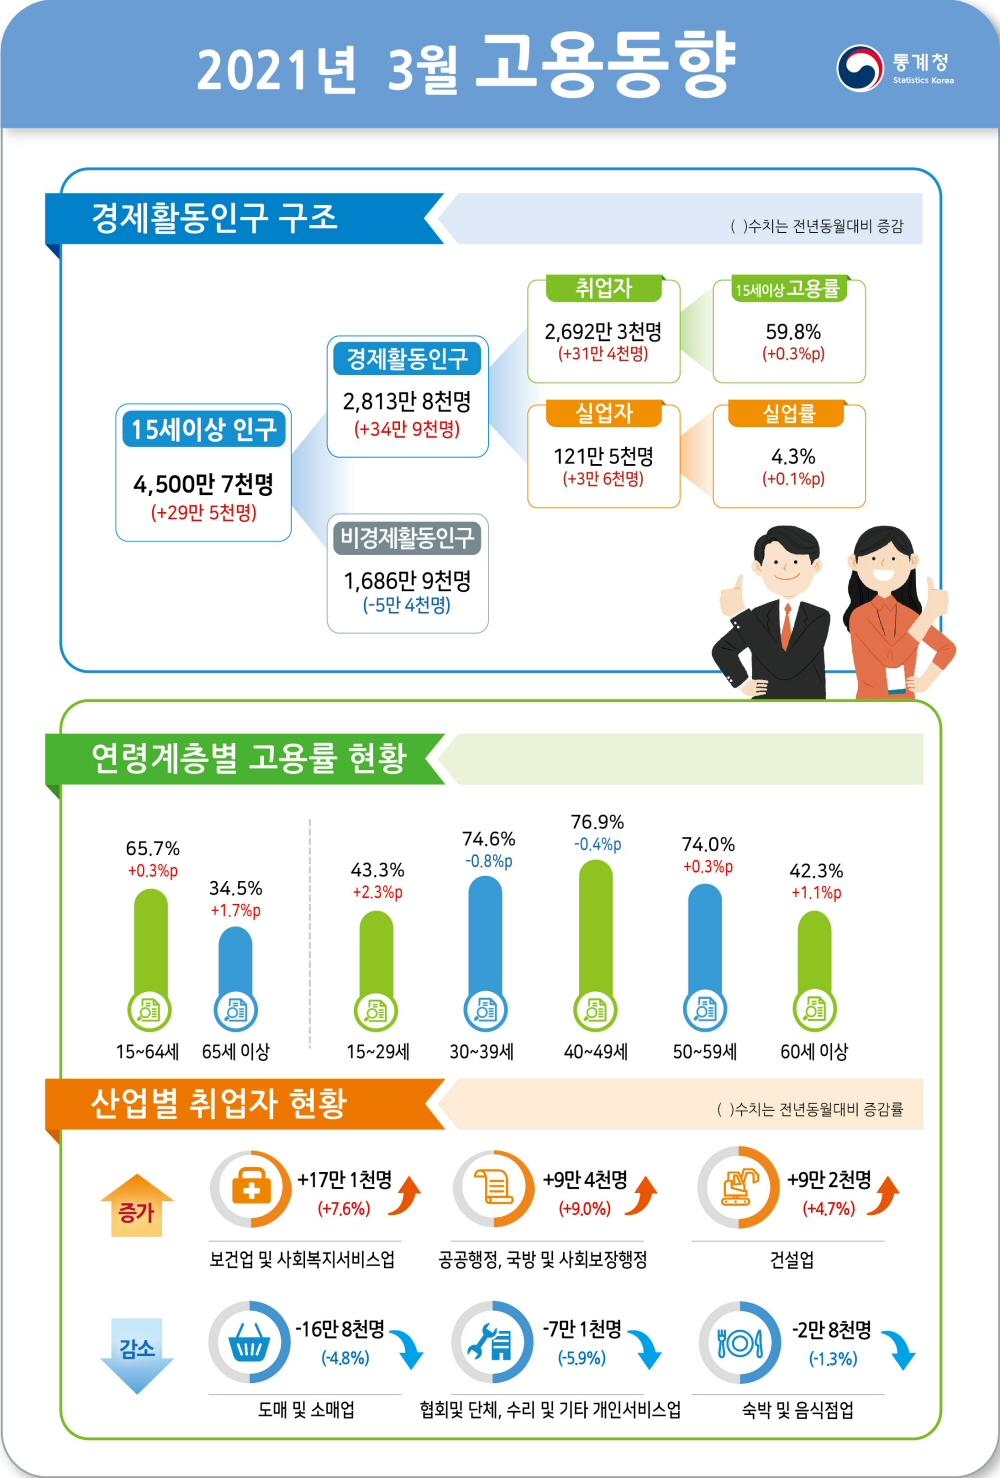 2021년 3월 전년동월대비 고용률 0.3%p 상승, 실업률 0.1%p 상승